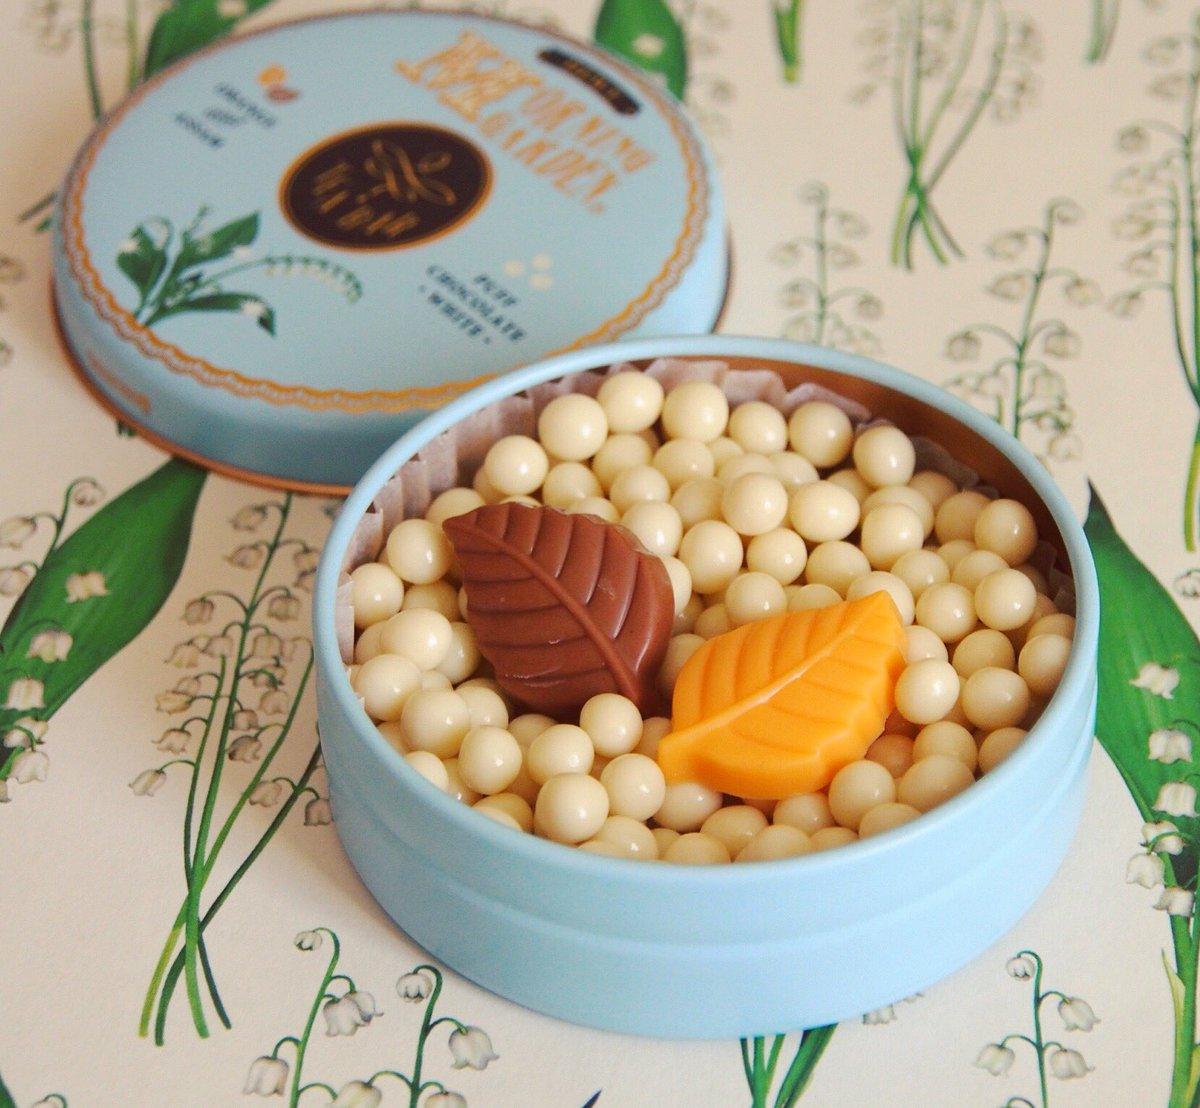 モロゾフの紅茶フレーバーのチョコレート缶が可愛すぎる…これは全種類集めたい!!